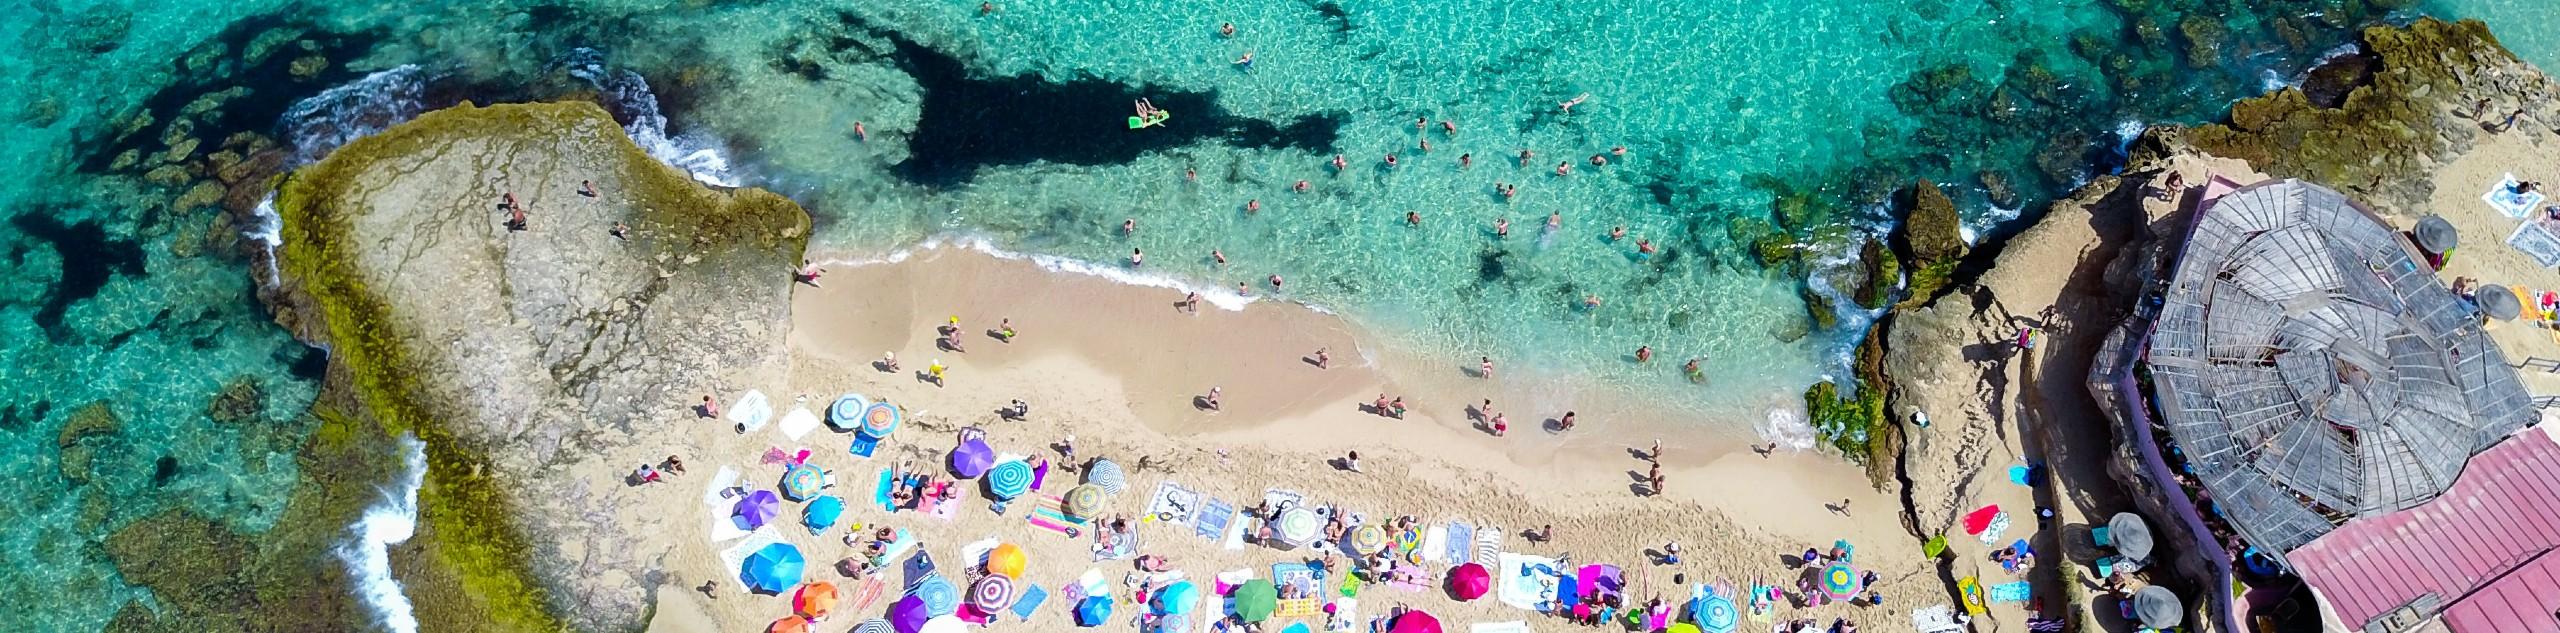 Balearic Islands in Spain